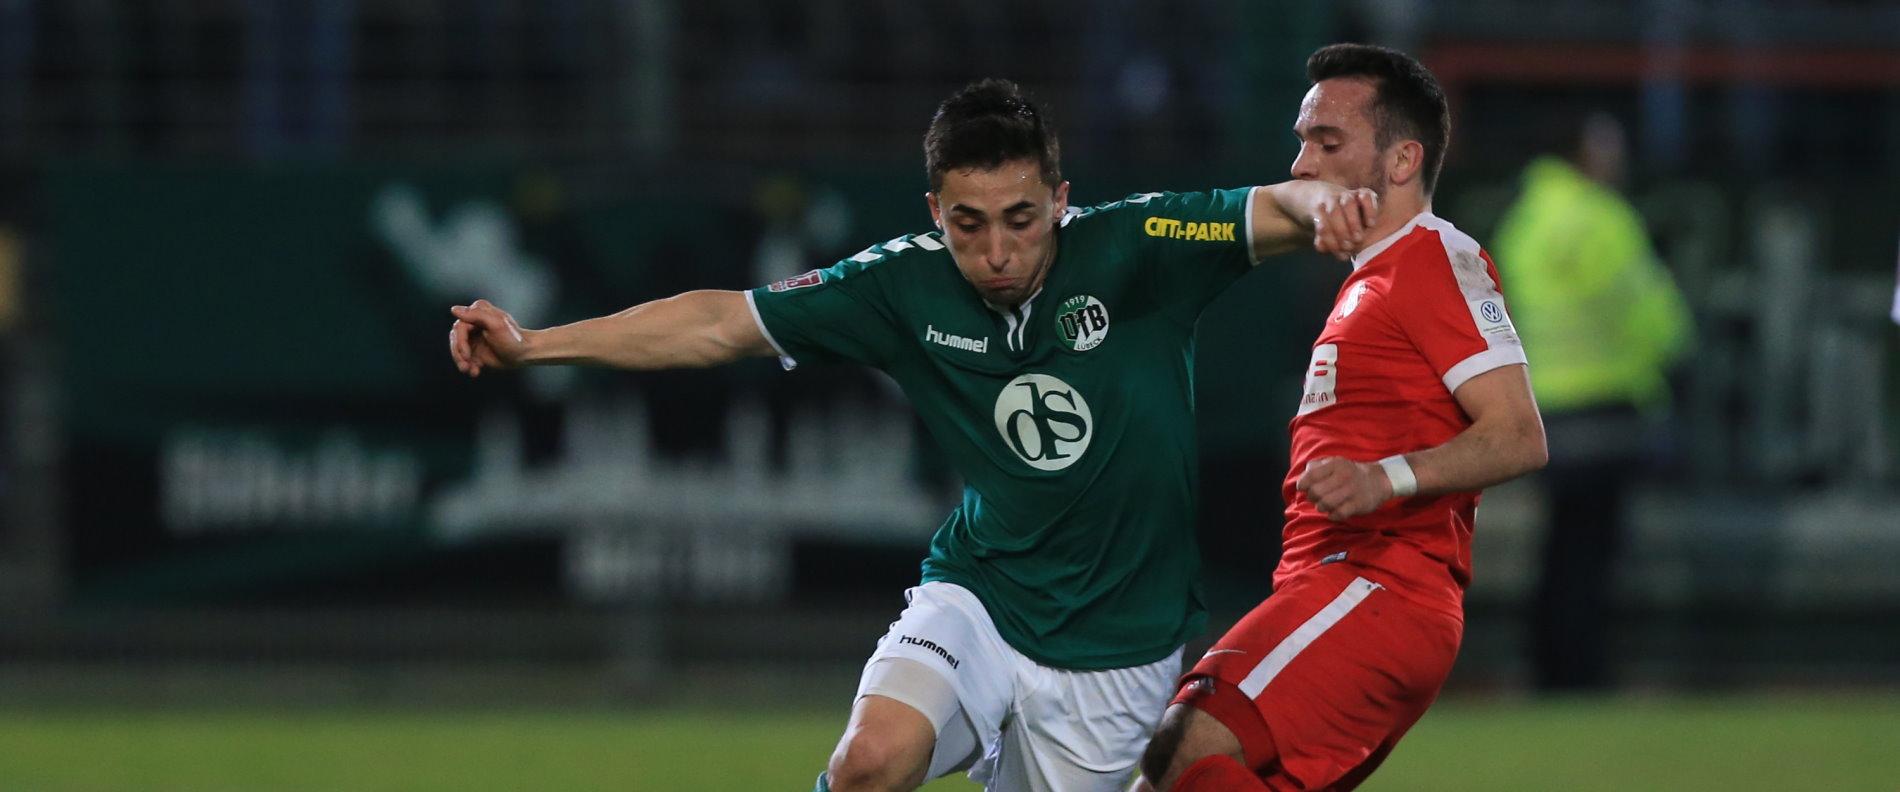 Zweikampf zwischen Aleksander Nogovic (VfB Lübeck) und Deniz Cicek (TSV Havelse)